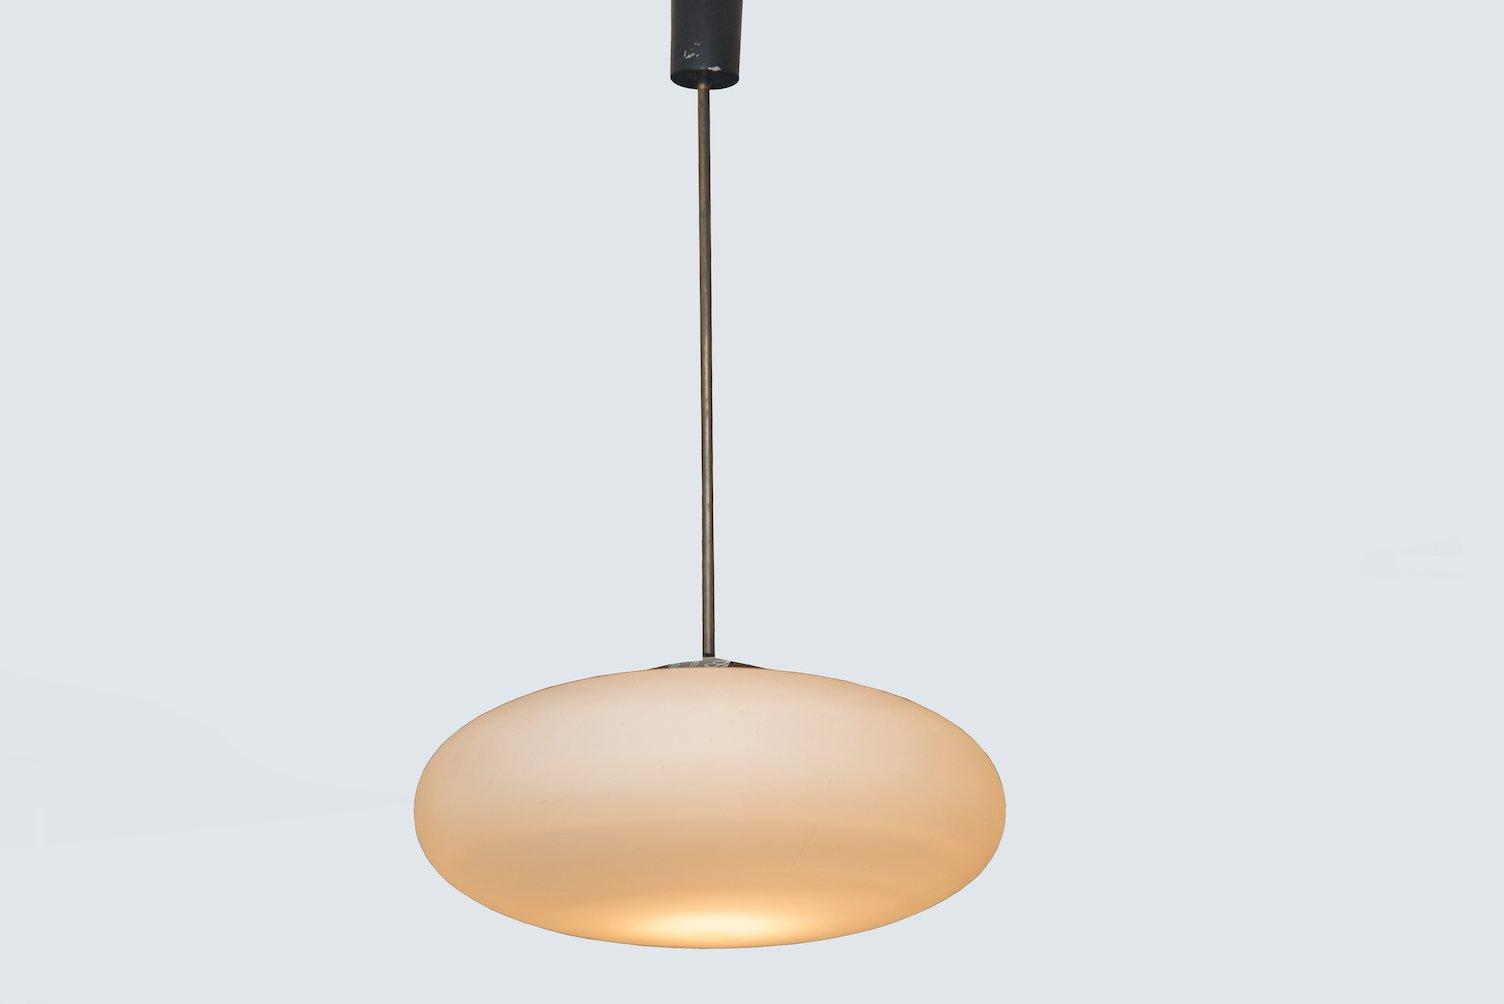 Lampe suspension vintage en verre opalin givr italie en vente sur pamono - Lampe suspension vintage ...